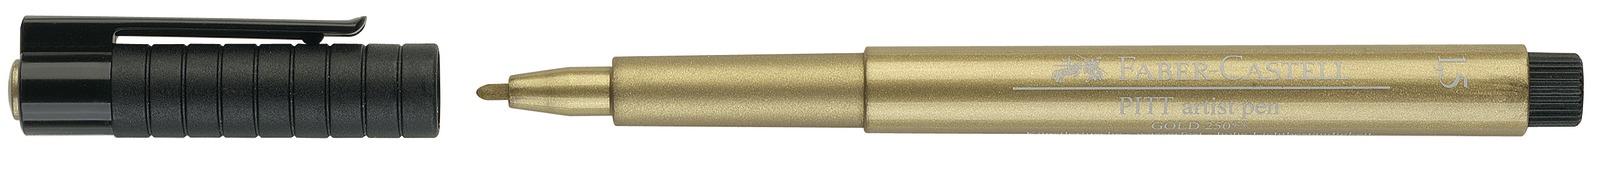 Faber-Castell: Pitt Artist Pens - Metallic Gold image